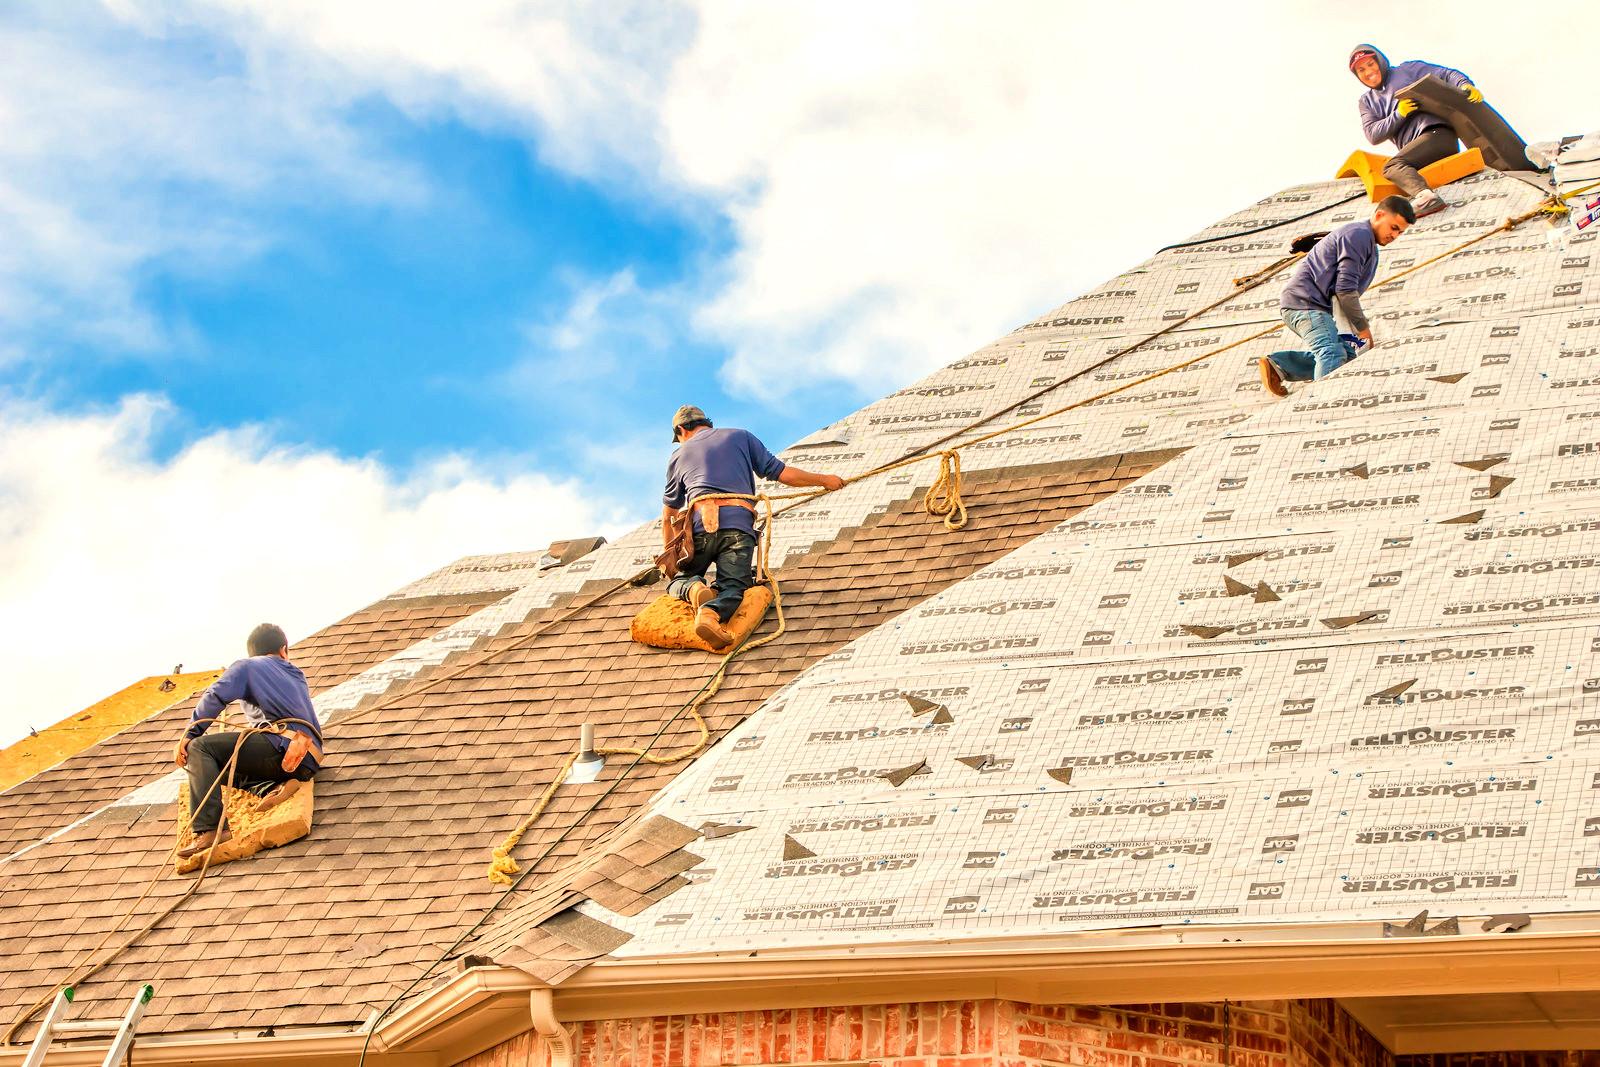 Roof Repair - Leaking Roof - Shingle Rep